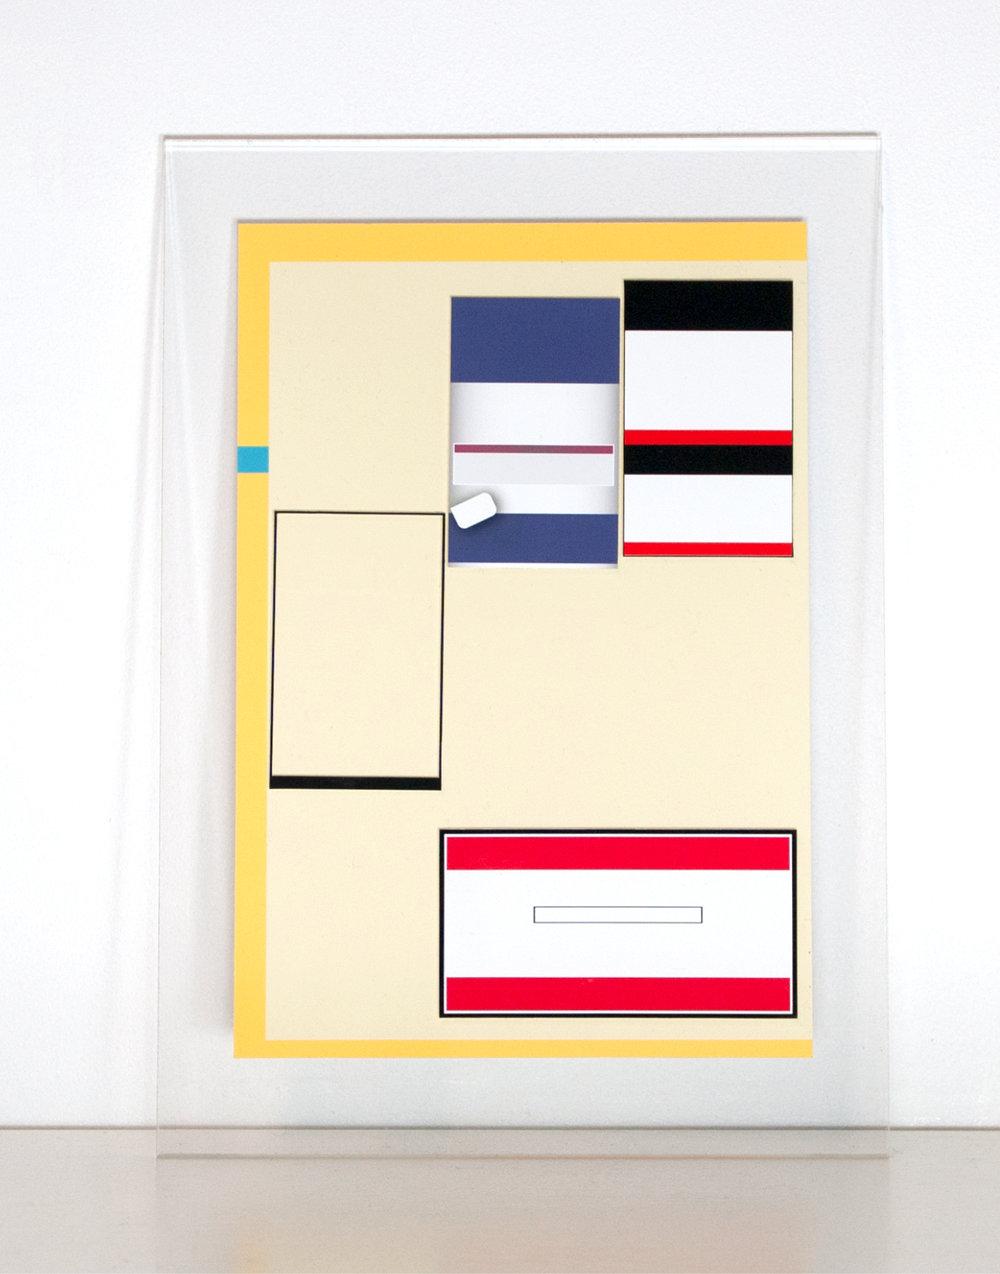 Art dealers, Asbestos Removal, Auctioneers, 2015